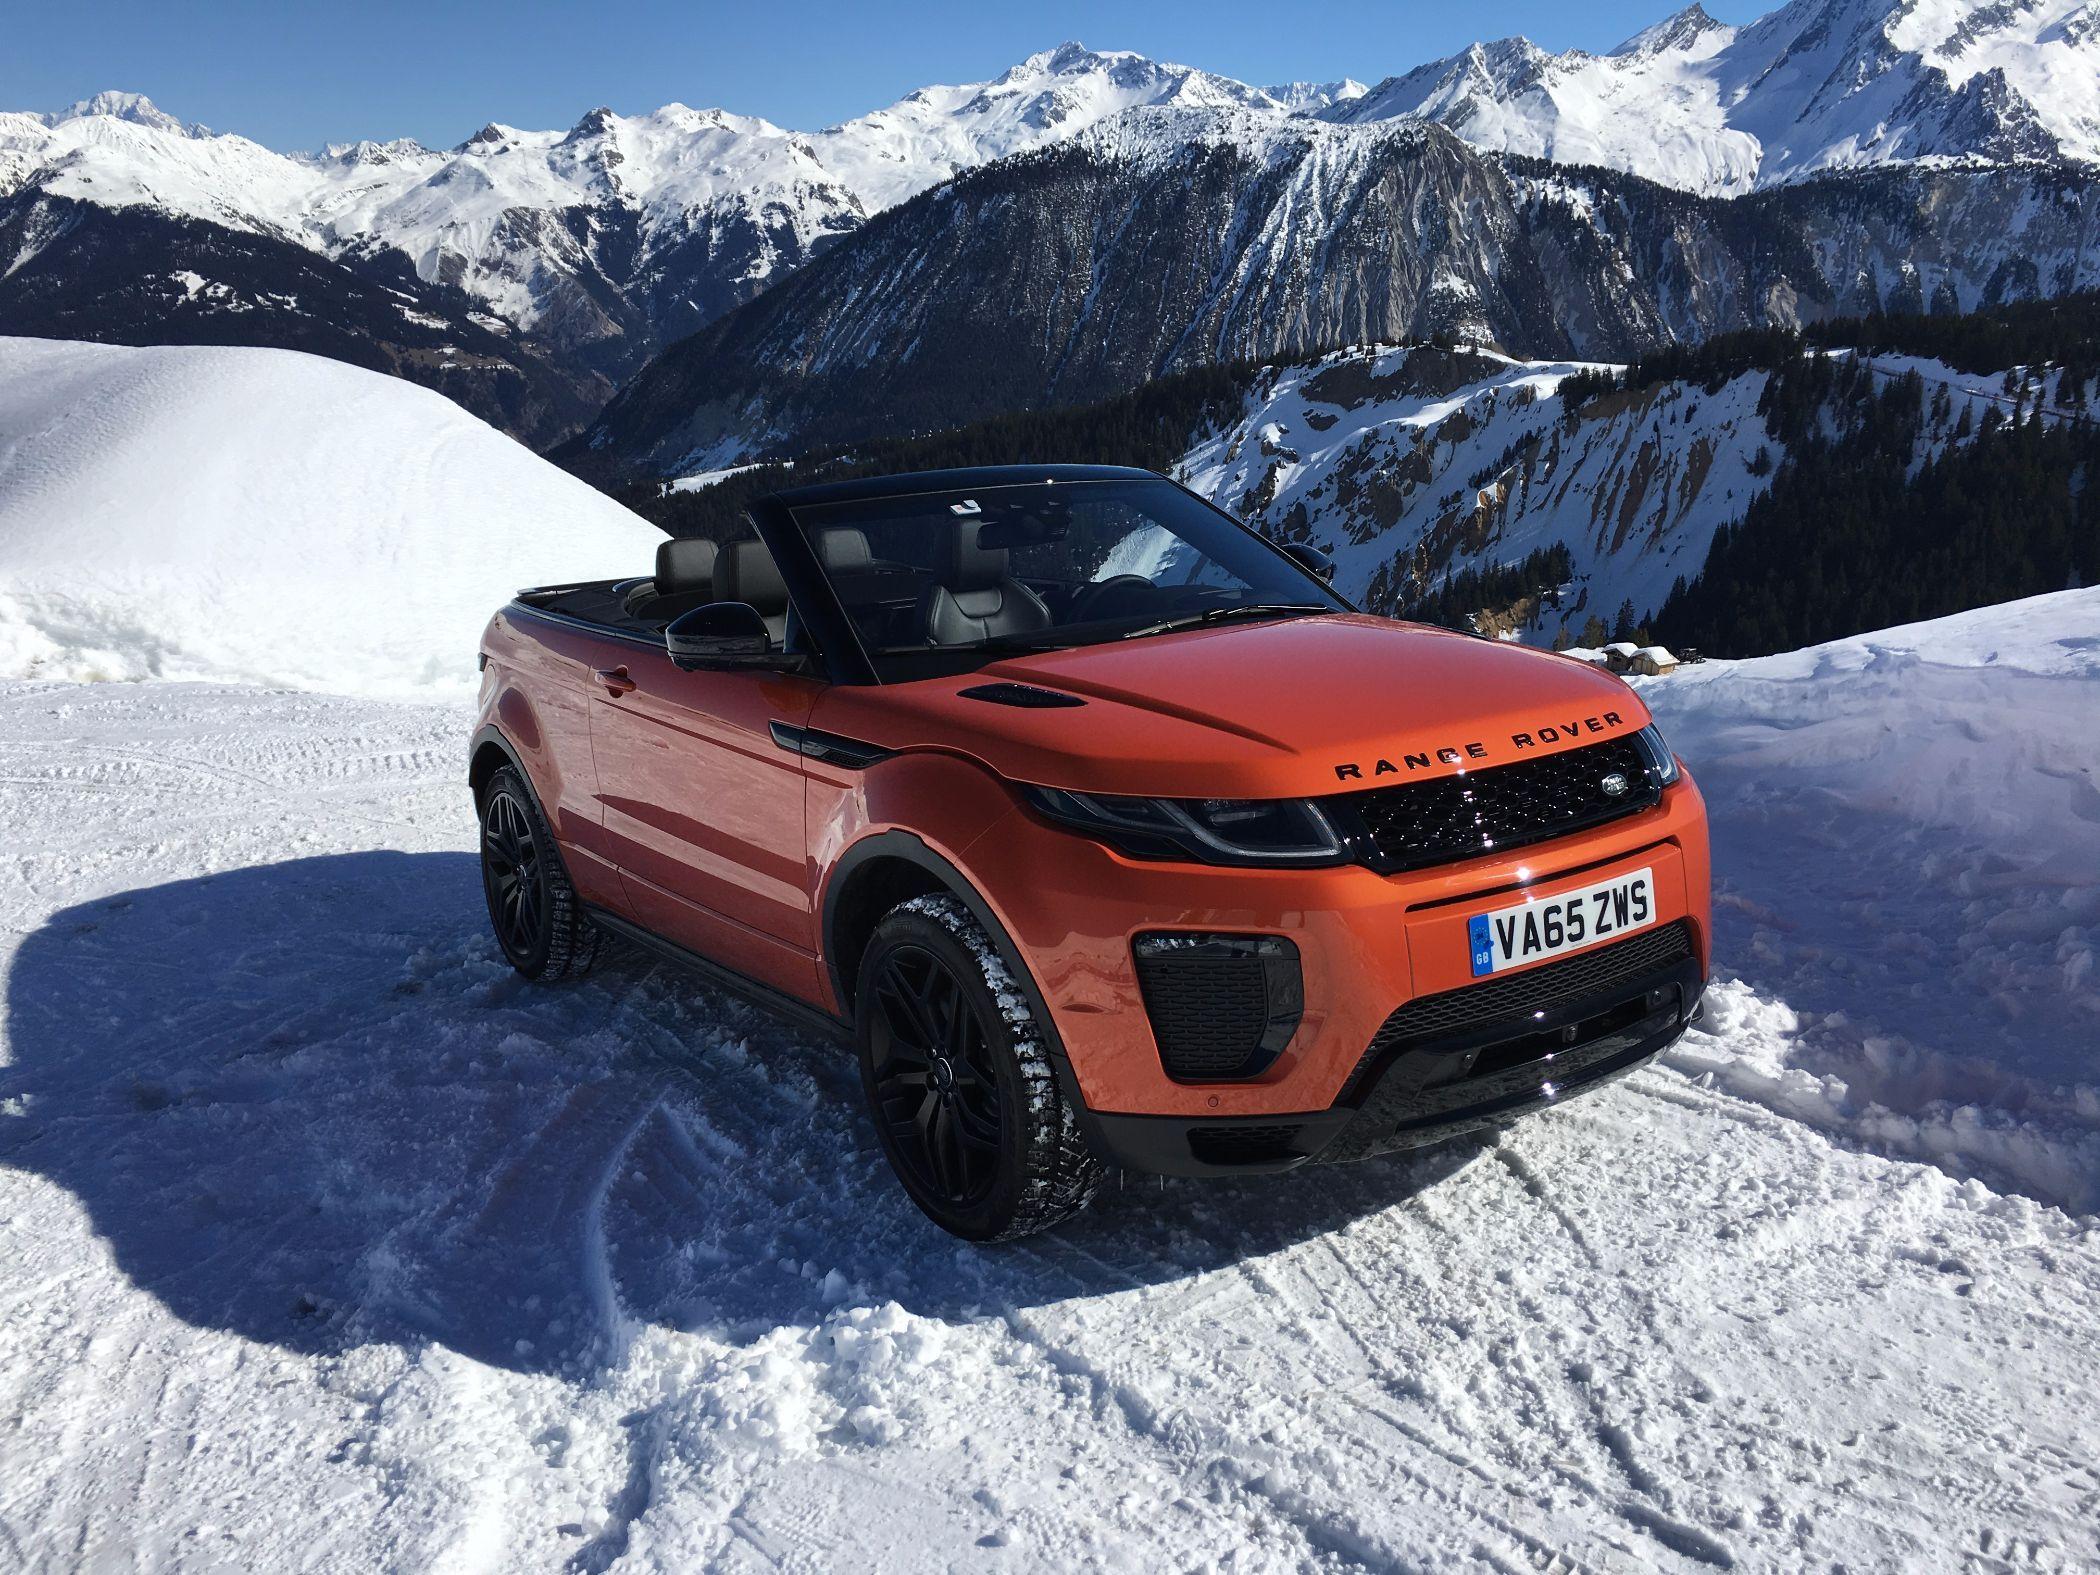 Range Rover Evoque Cabrio Heck